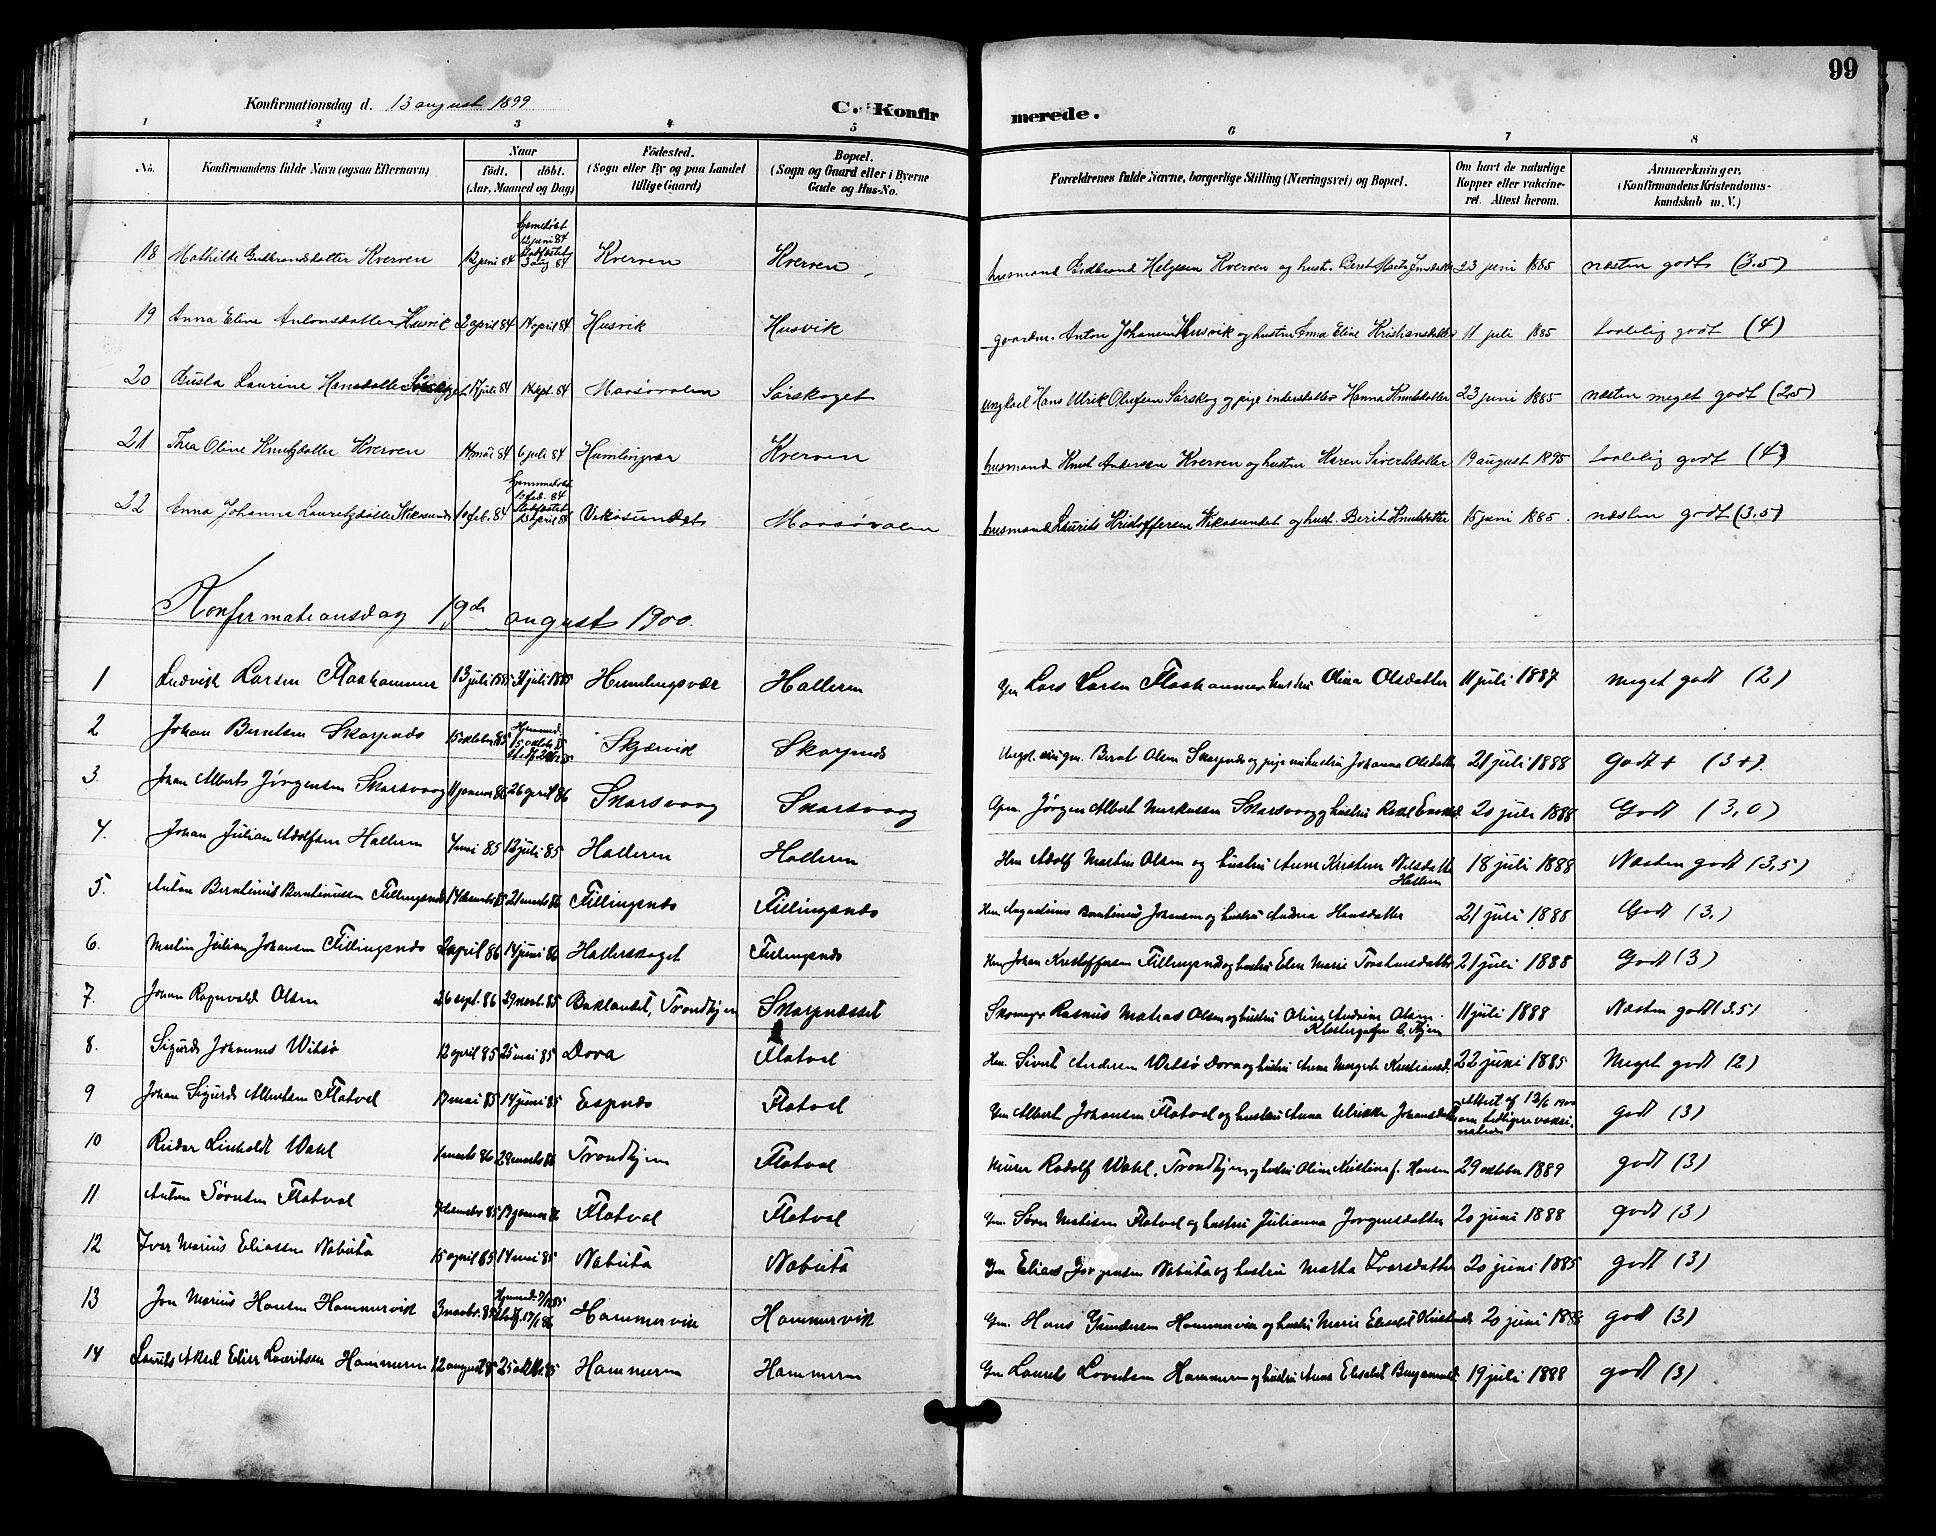 SAT, Ministerialprotokoller, klokkerbøker og fødselsregistre - Sør-Trøndelag, 641/L0598: Klokkerbok nr. 641C02, 1893-1910, s. 99